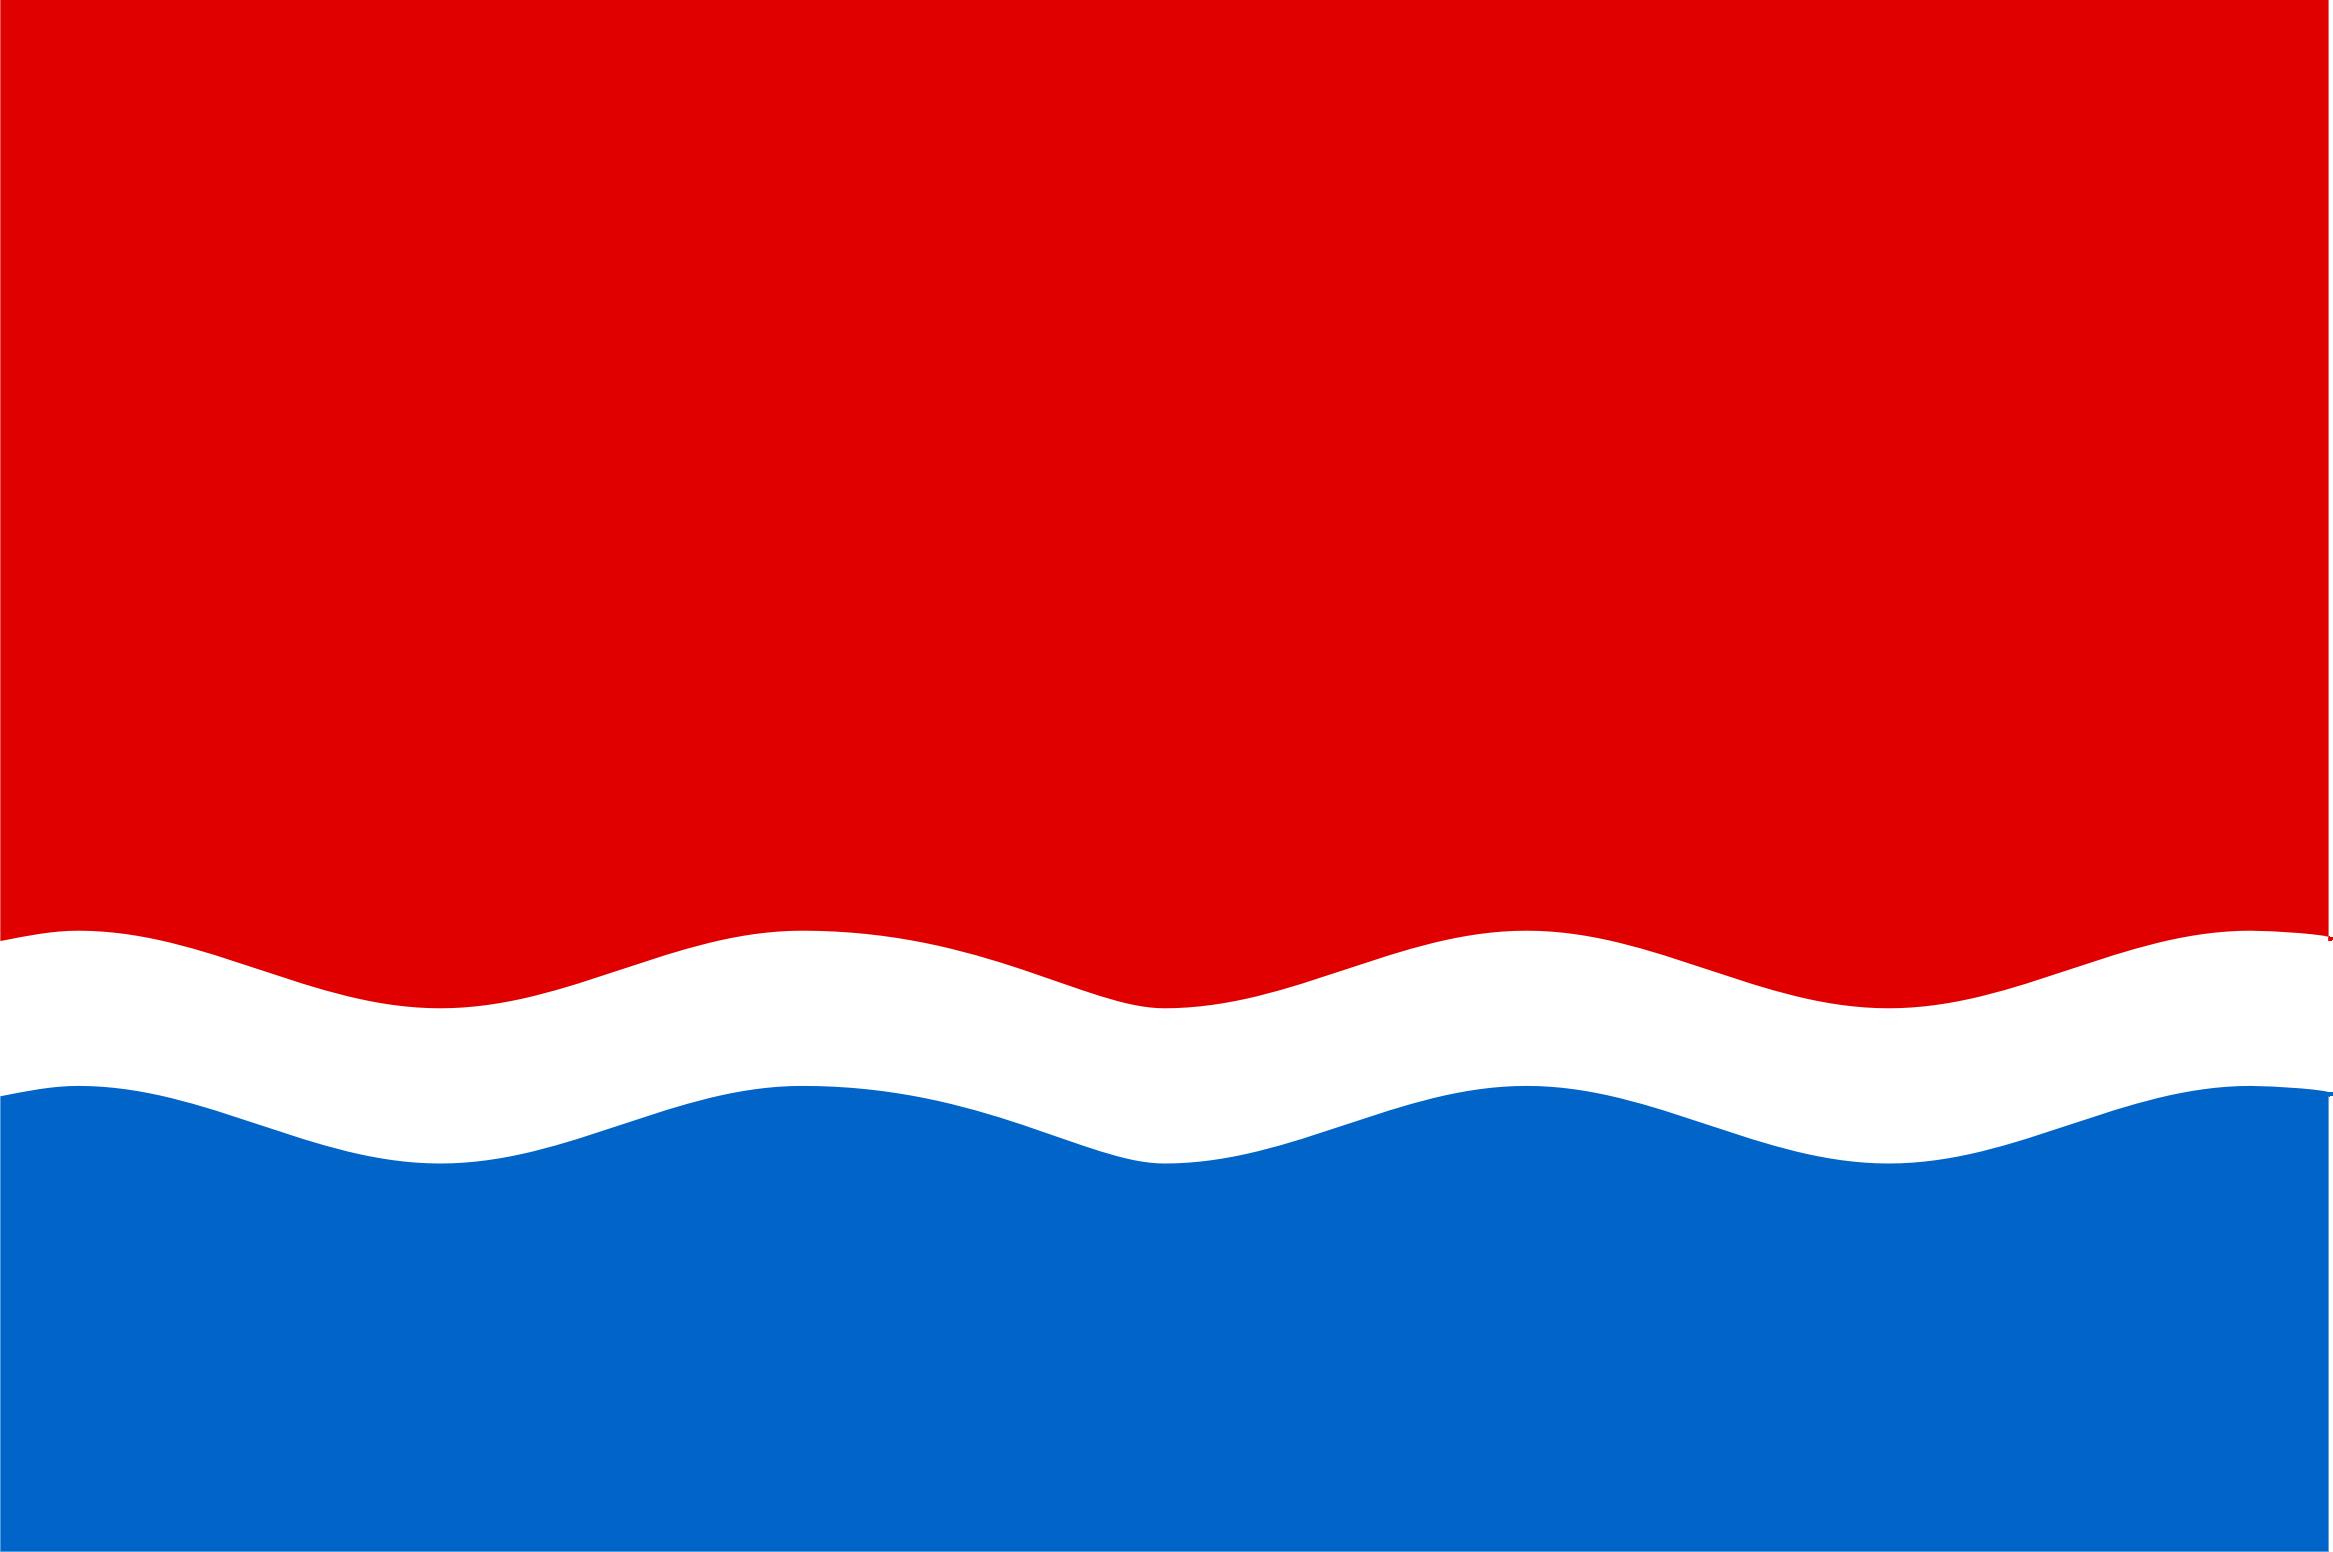 Амурскуая область - флаг